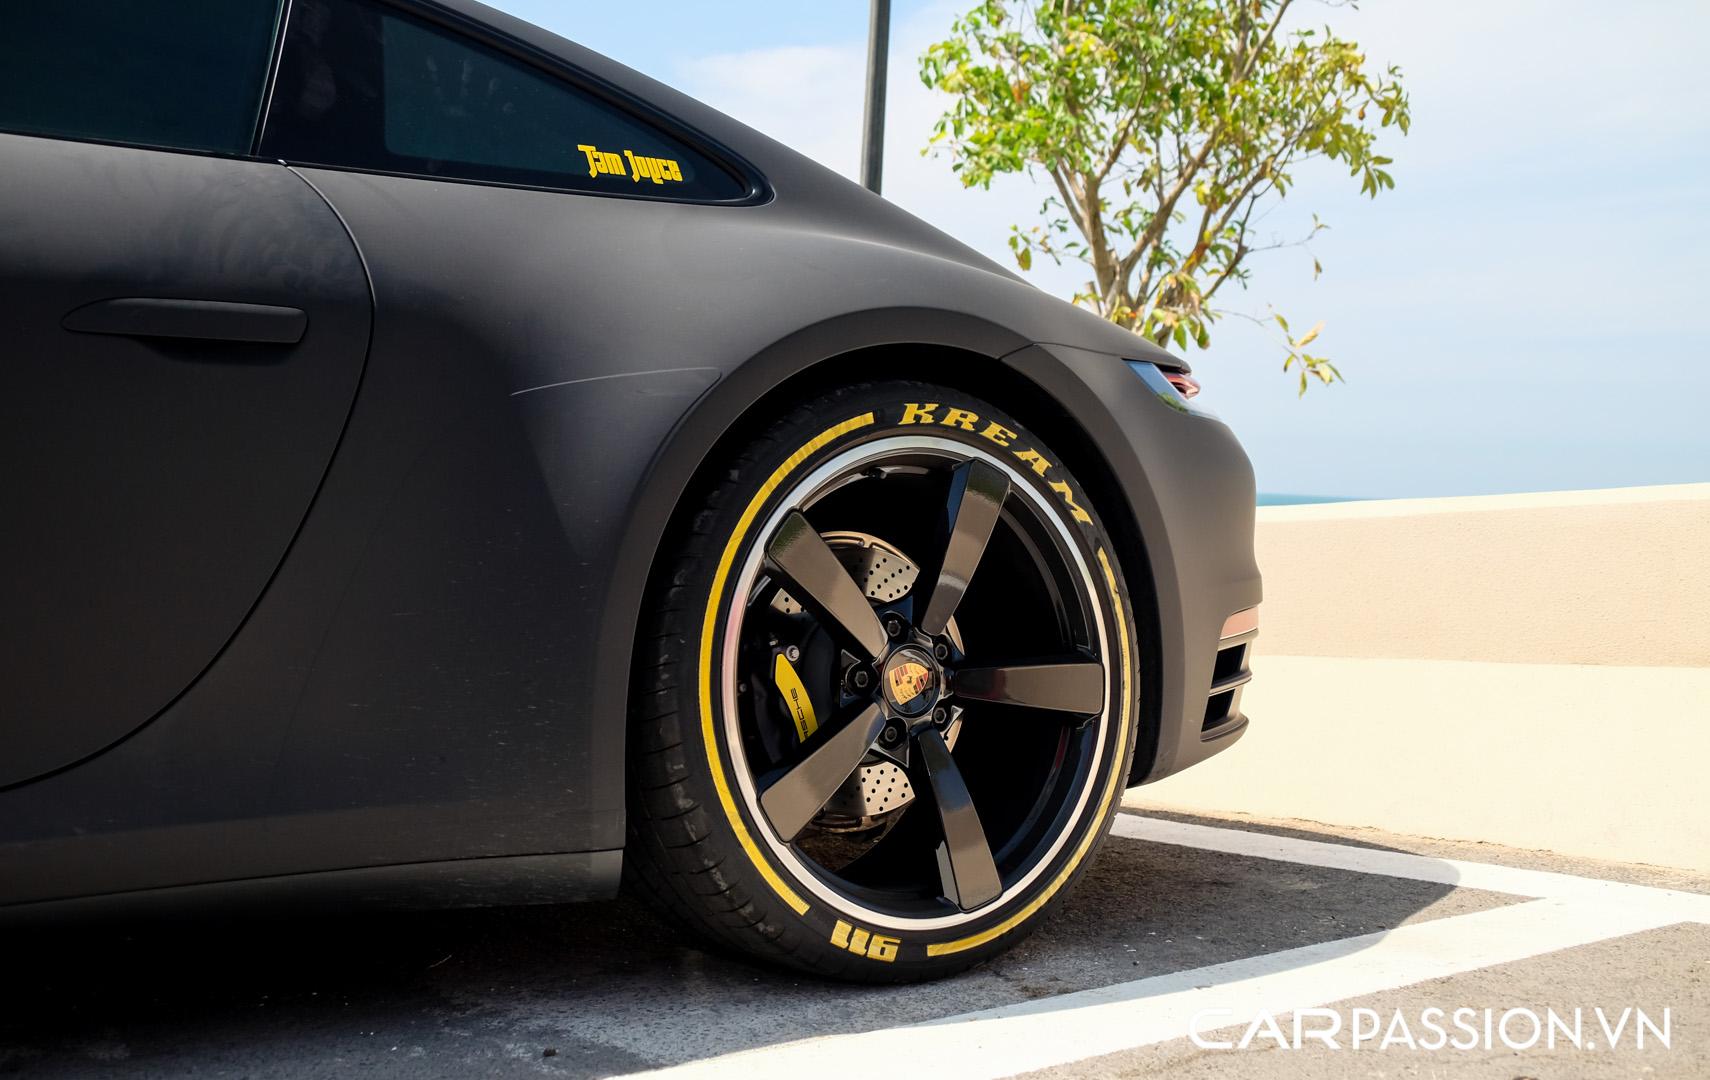 Porsche 911 của vợ chồng YouTuber (12).JPG